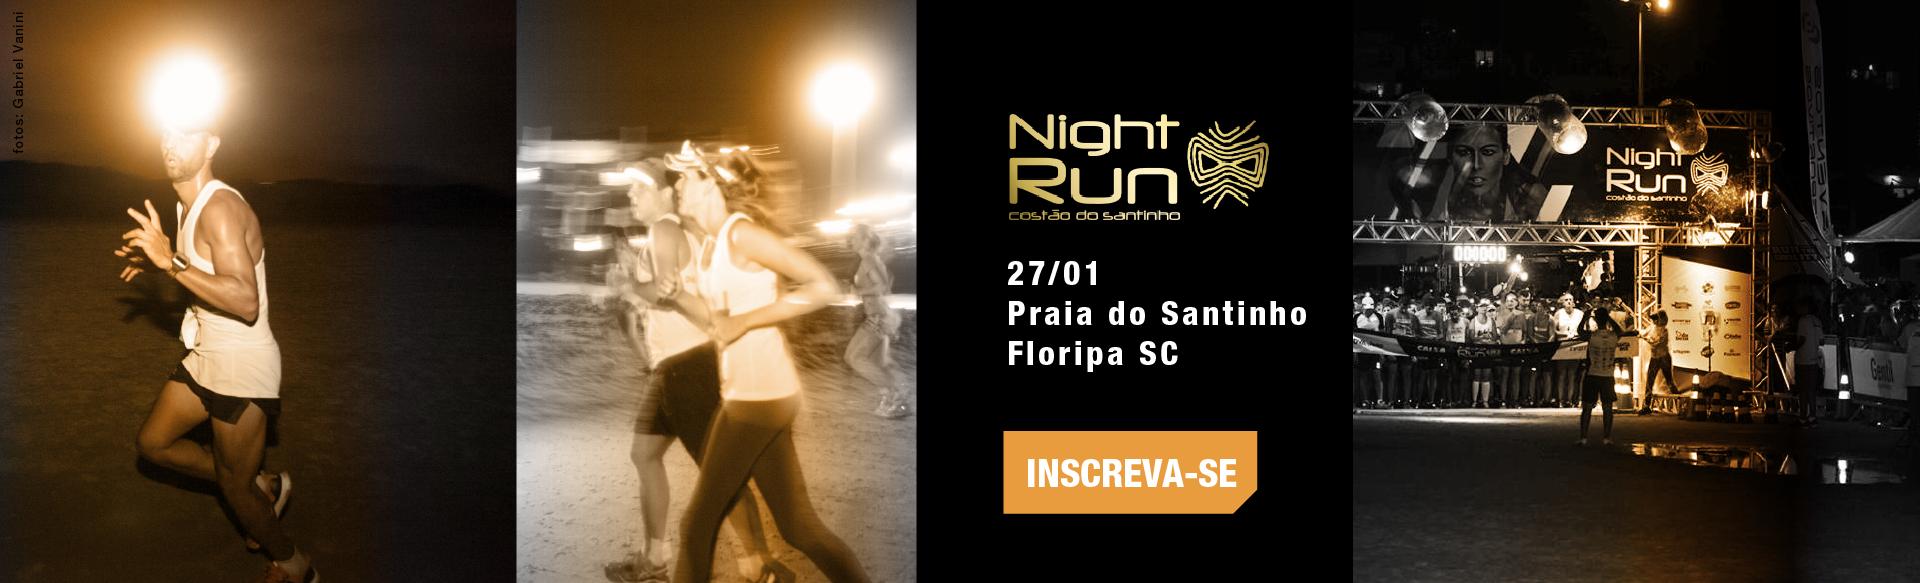 NightRun-Inscrevase